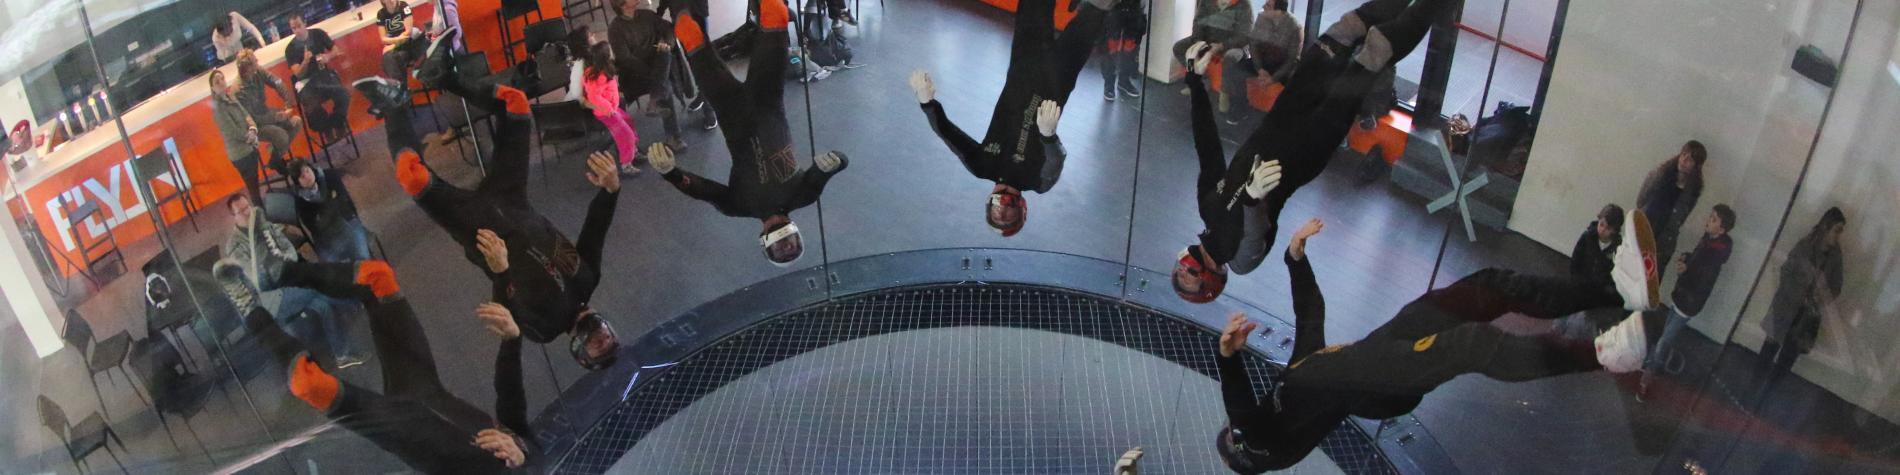 Tunnel Fly in pour teambuilding en Wallonie